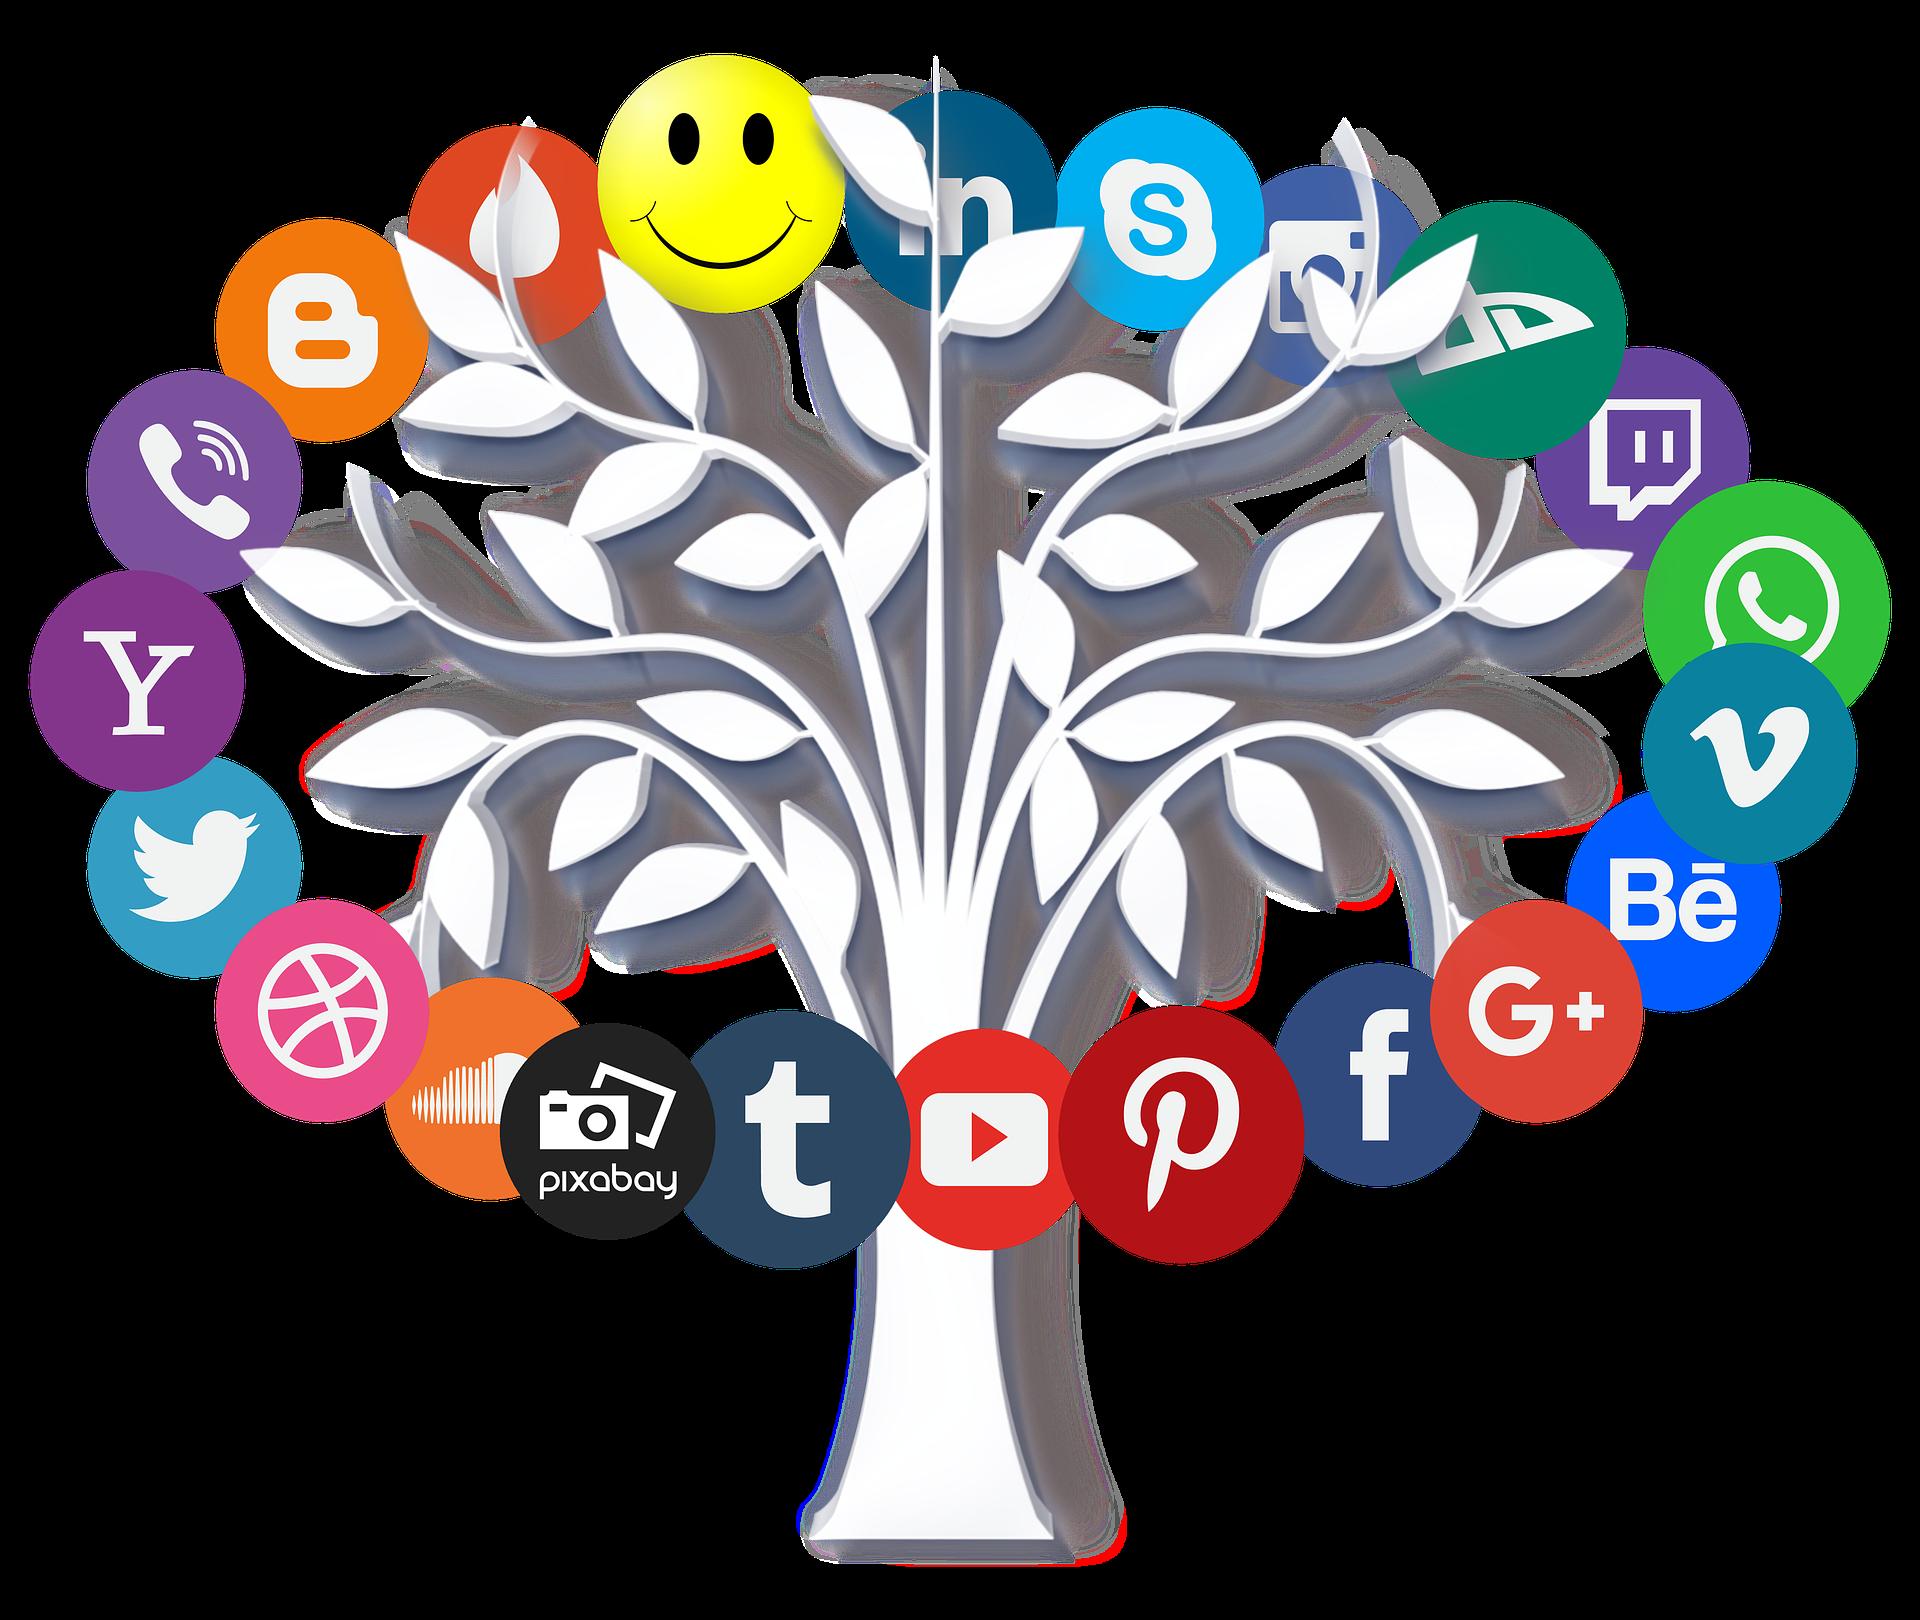 SEO оптимизация и поисковое продвижение сайта